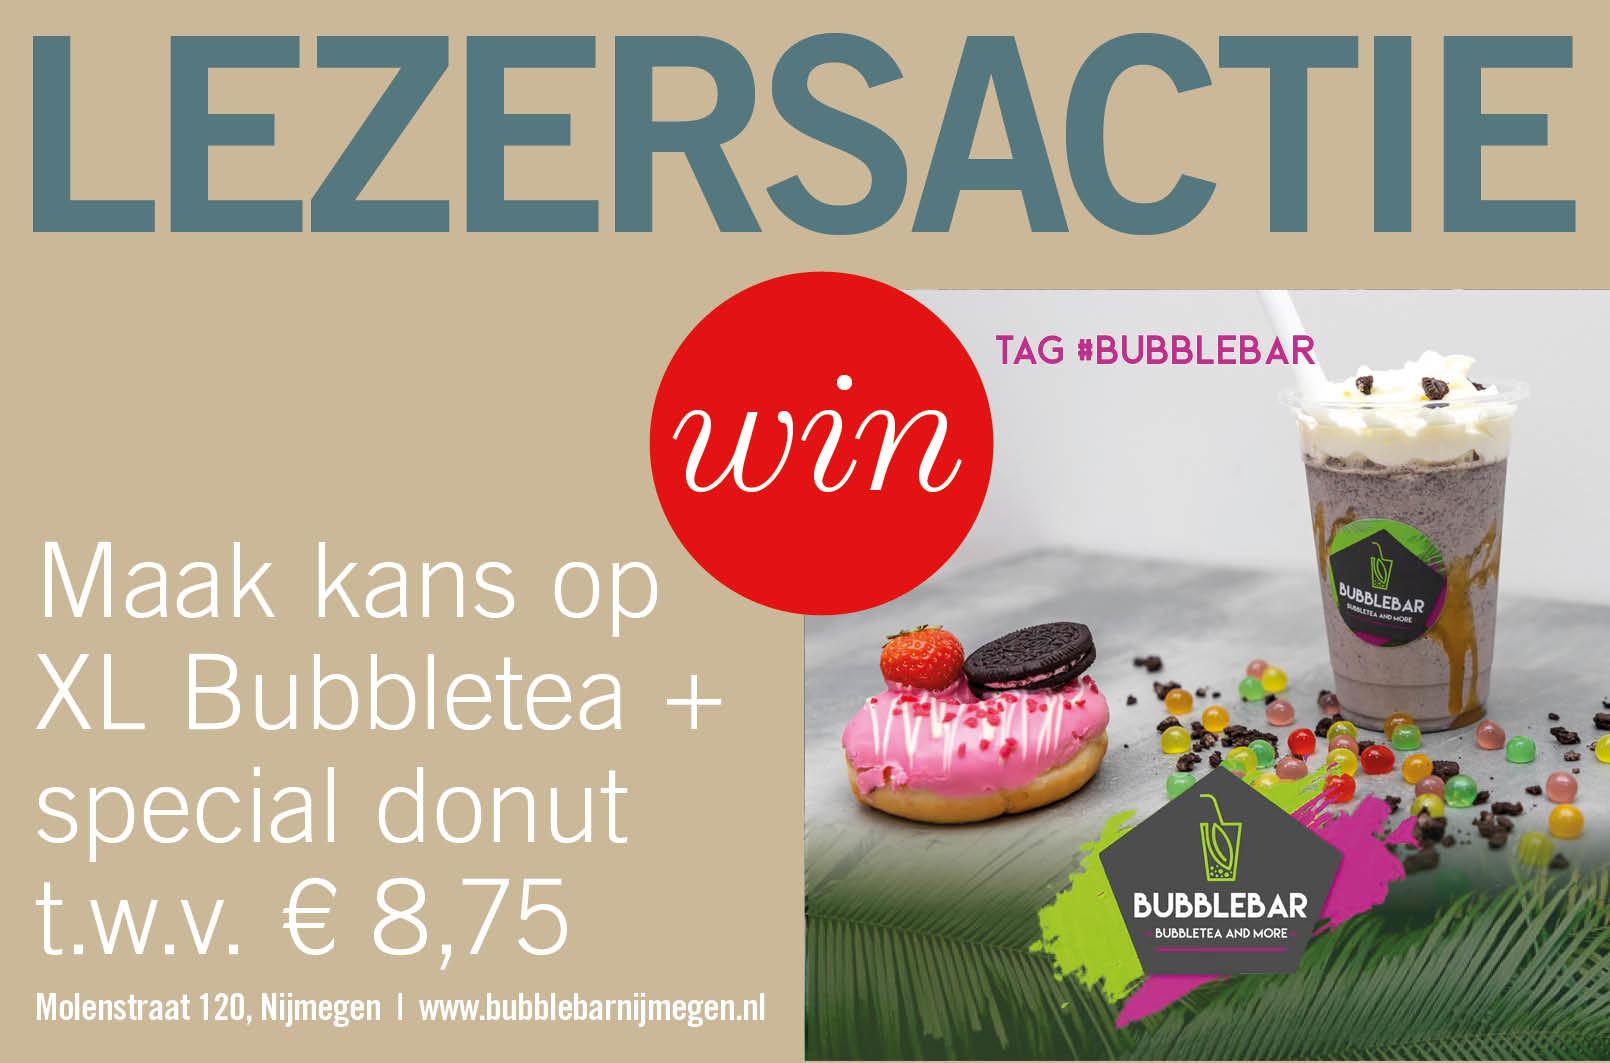 Maak kans op XL Bubbletea + special donut t.w.v. € 8,75